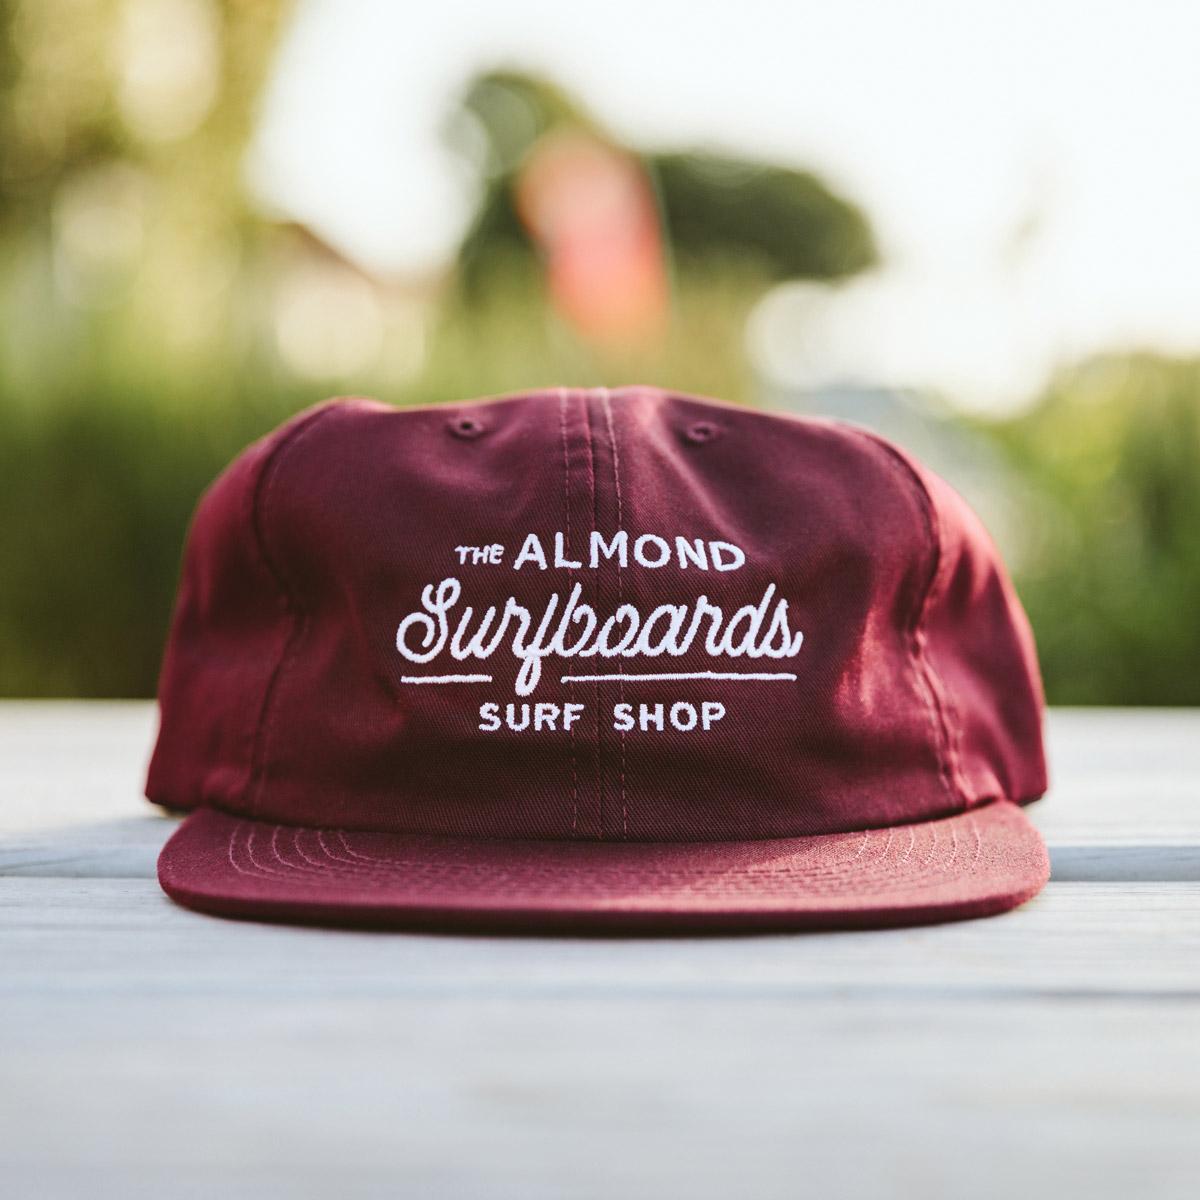 scott-snyder-almond-surf-shop-13.jpg